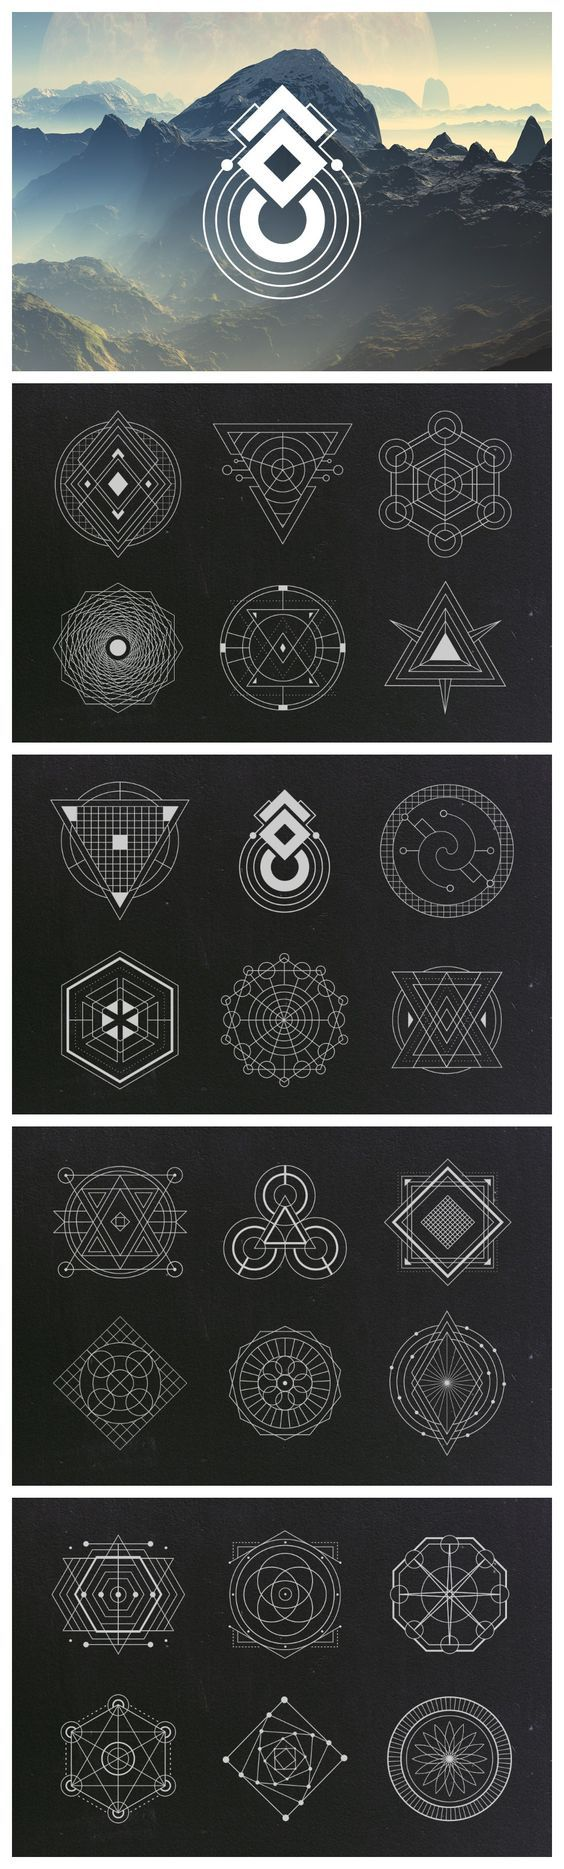 【200多种几何图形的组合形式】简单的三角... 来自优秀网页设计 - 微博